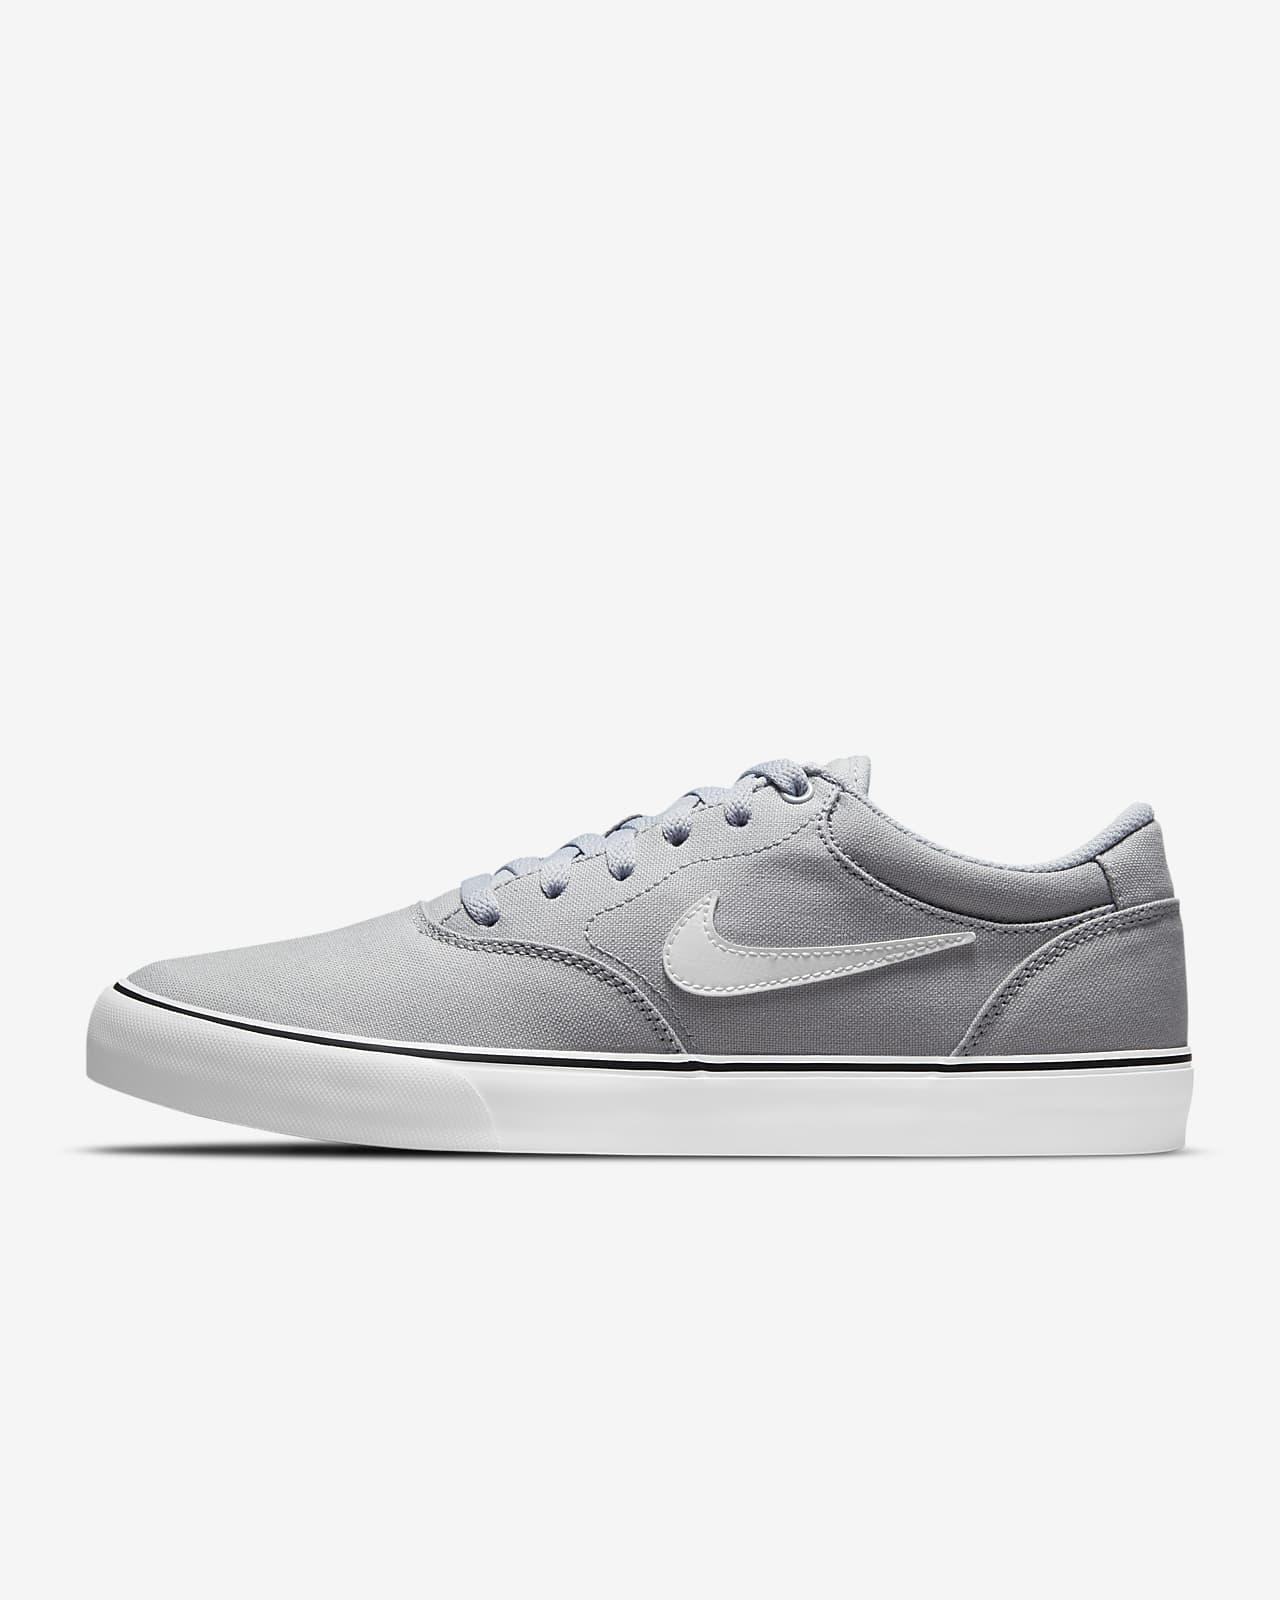 รองเท้าสเก็ตบอร์ด Nike SB Chron 2 Canvas